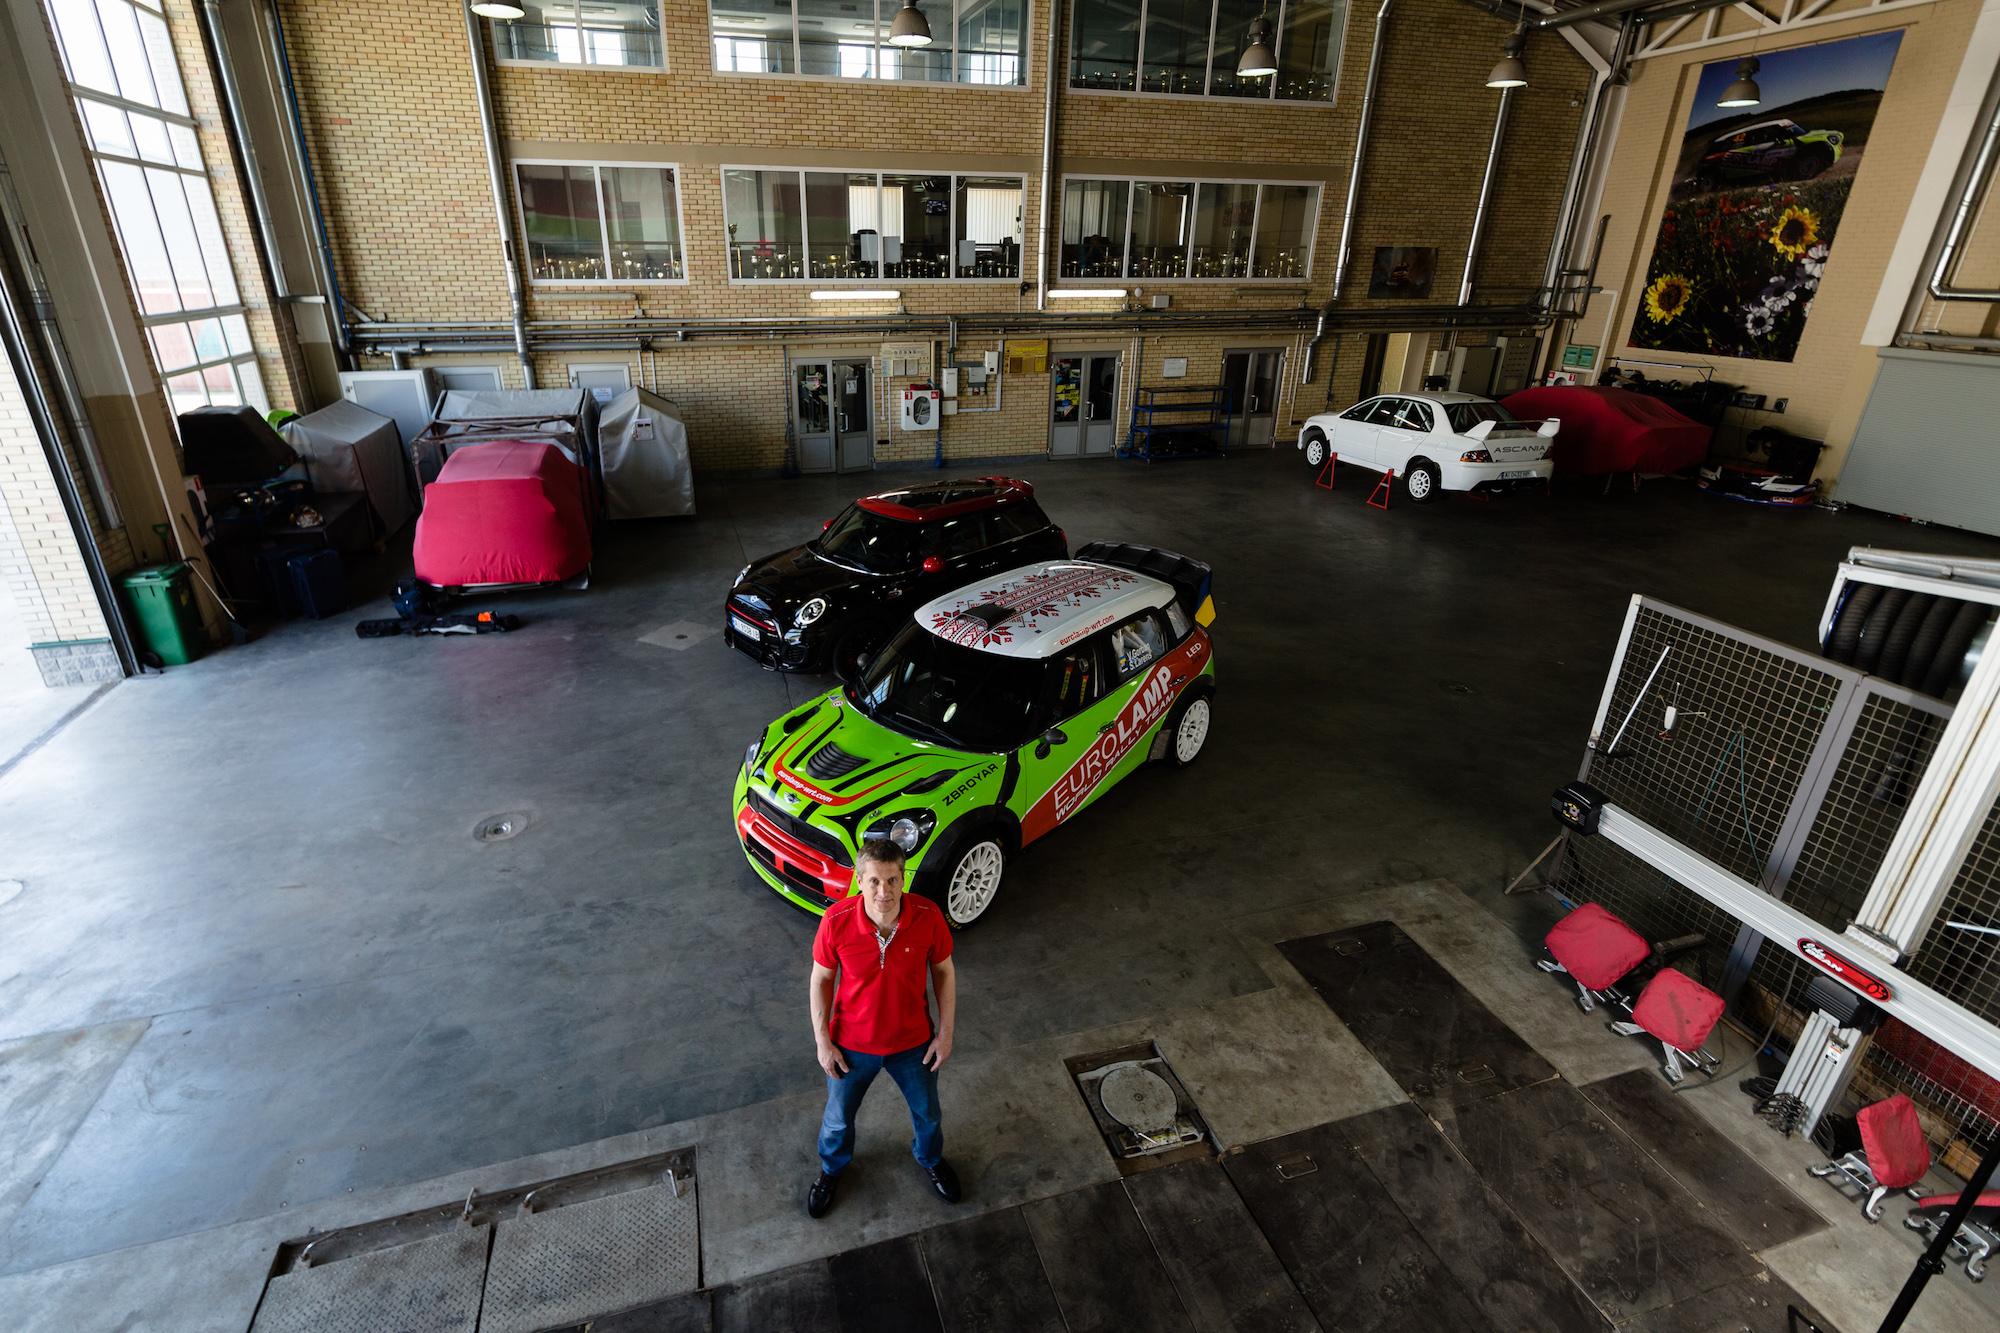 Впервые за руль спортивного авто Валерий Горбань сел в 29 лет